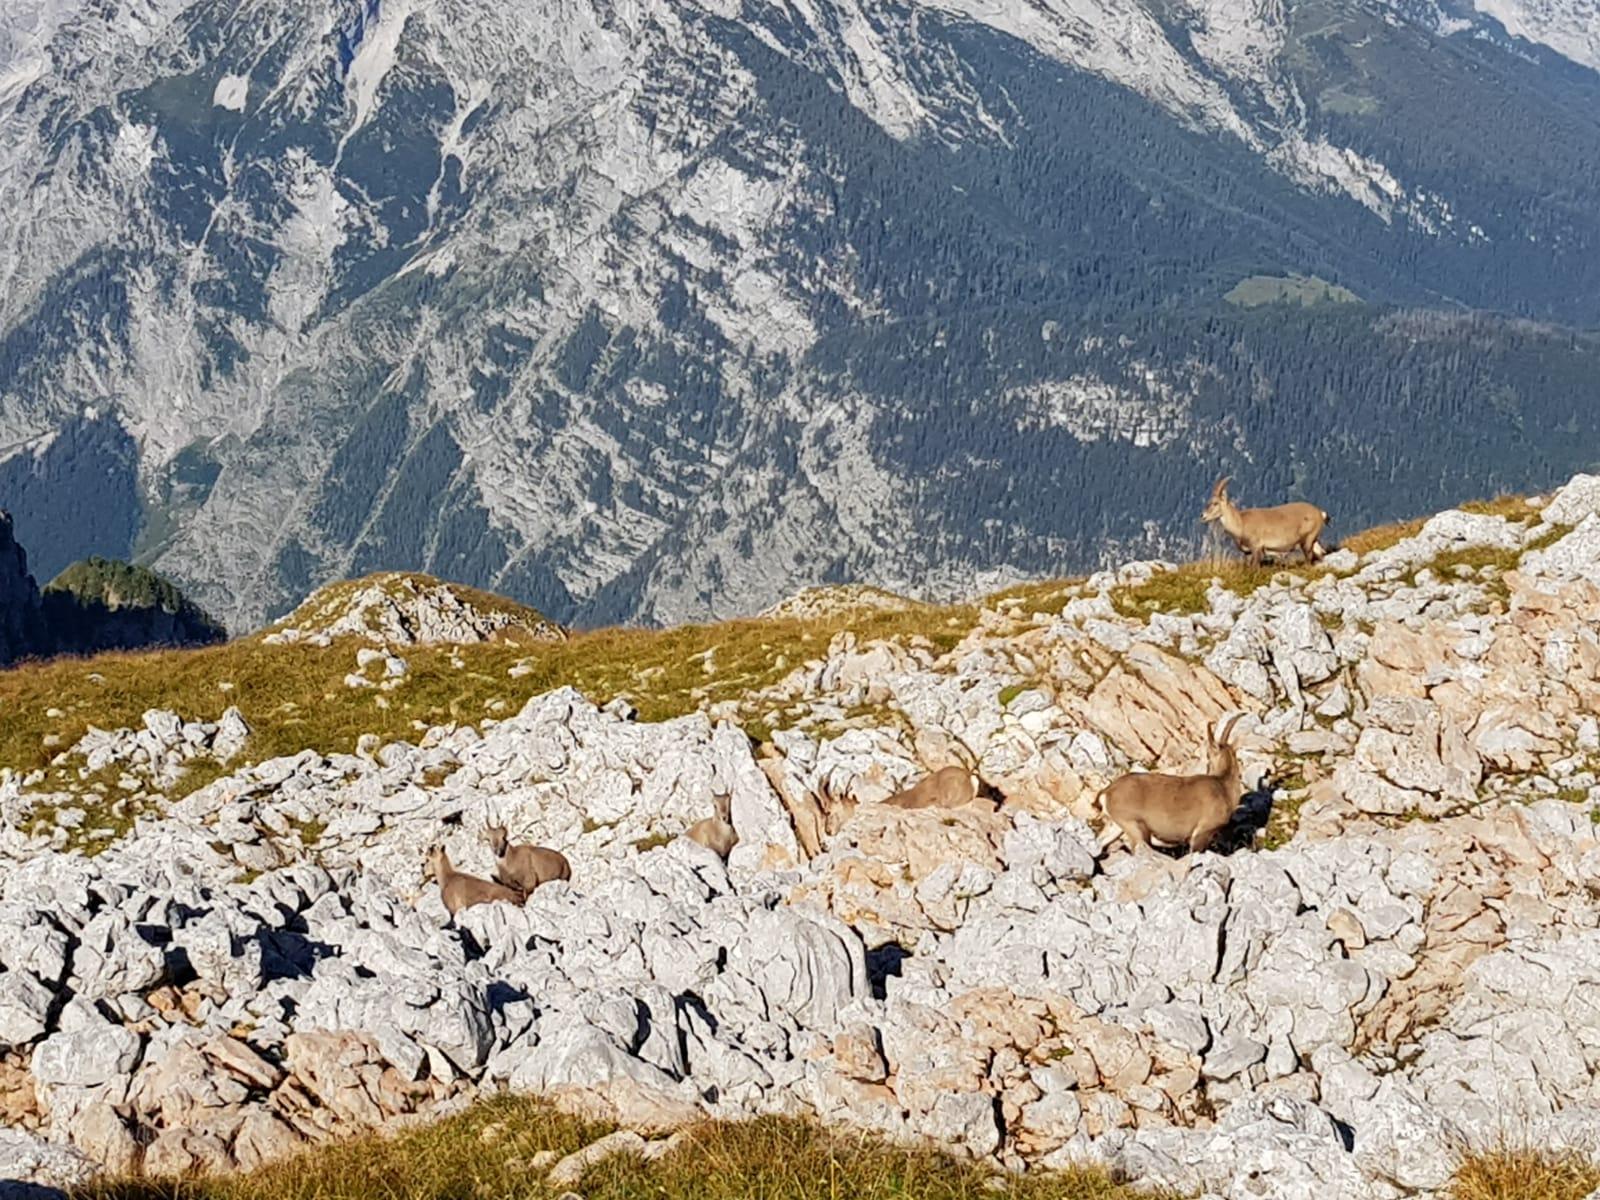 Steinböcke am Schneibstein